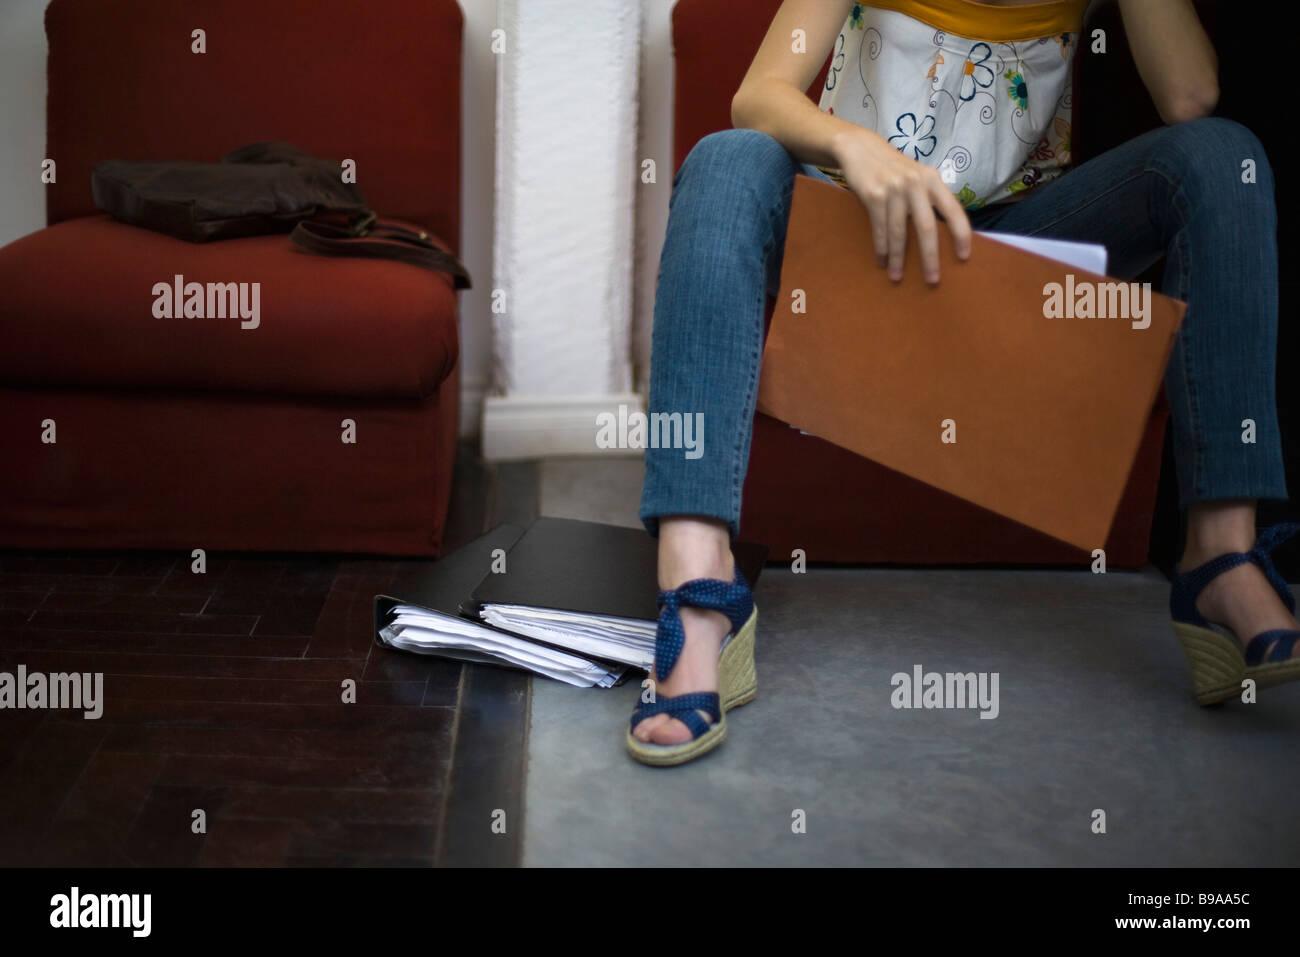 Mujer sosteniendo archivo, sentarse con las piernas separadas, recortadas Imagen De Stock